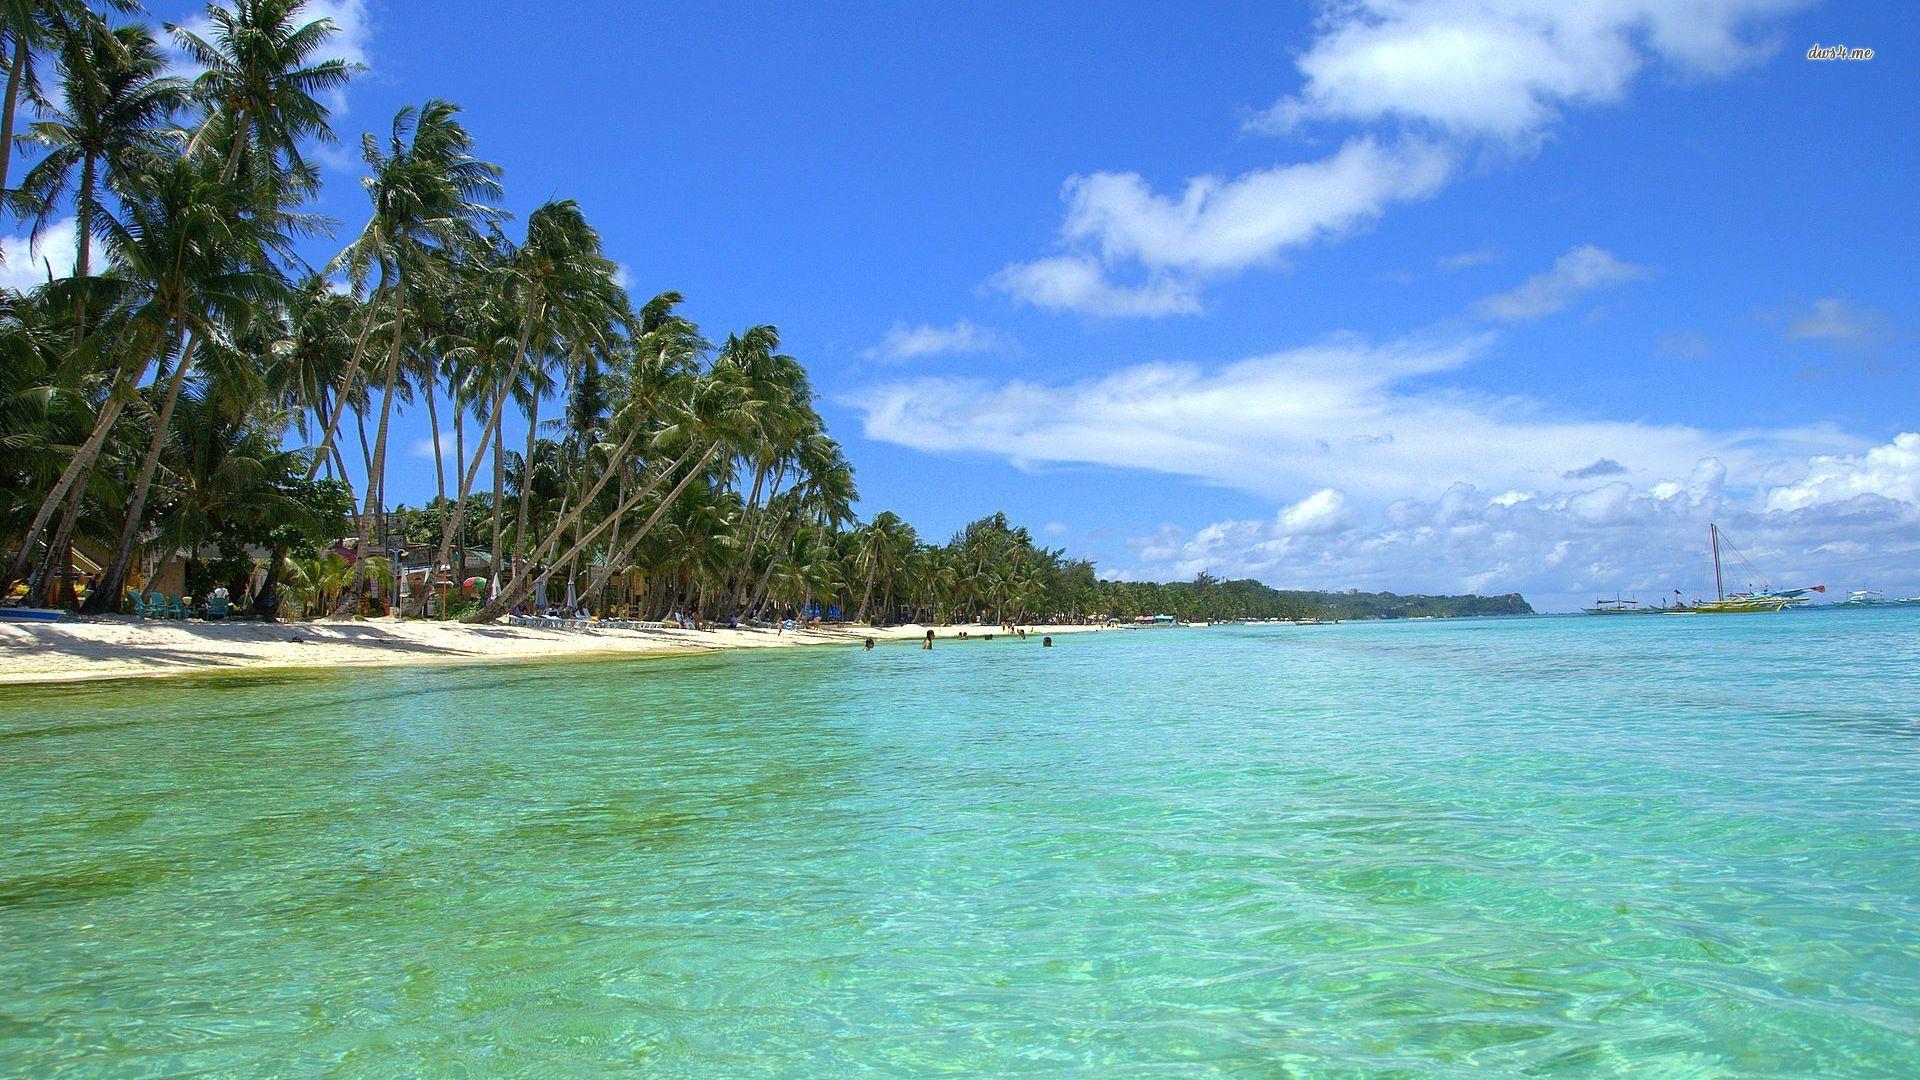 7239 tropical beach 1920x1080 beach wallpaperjpg 1920x1080